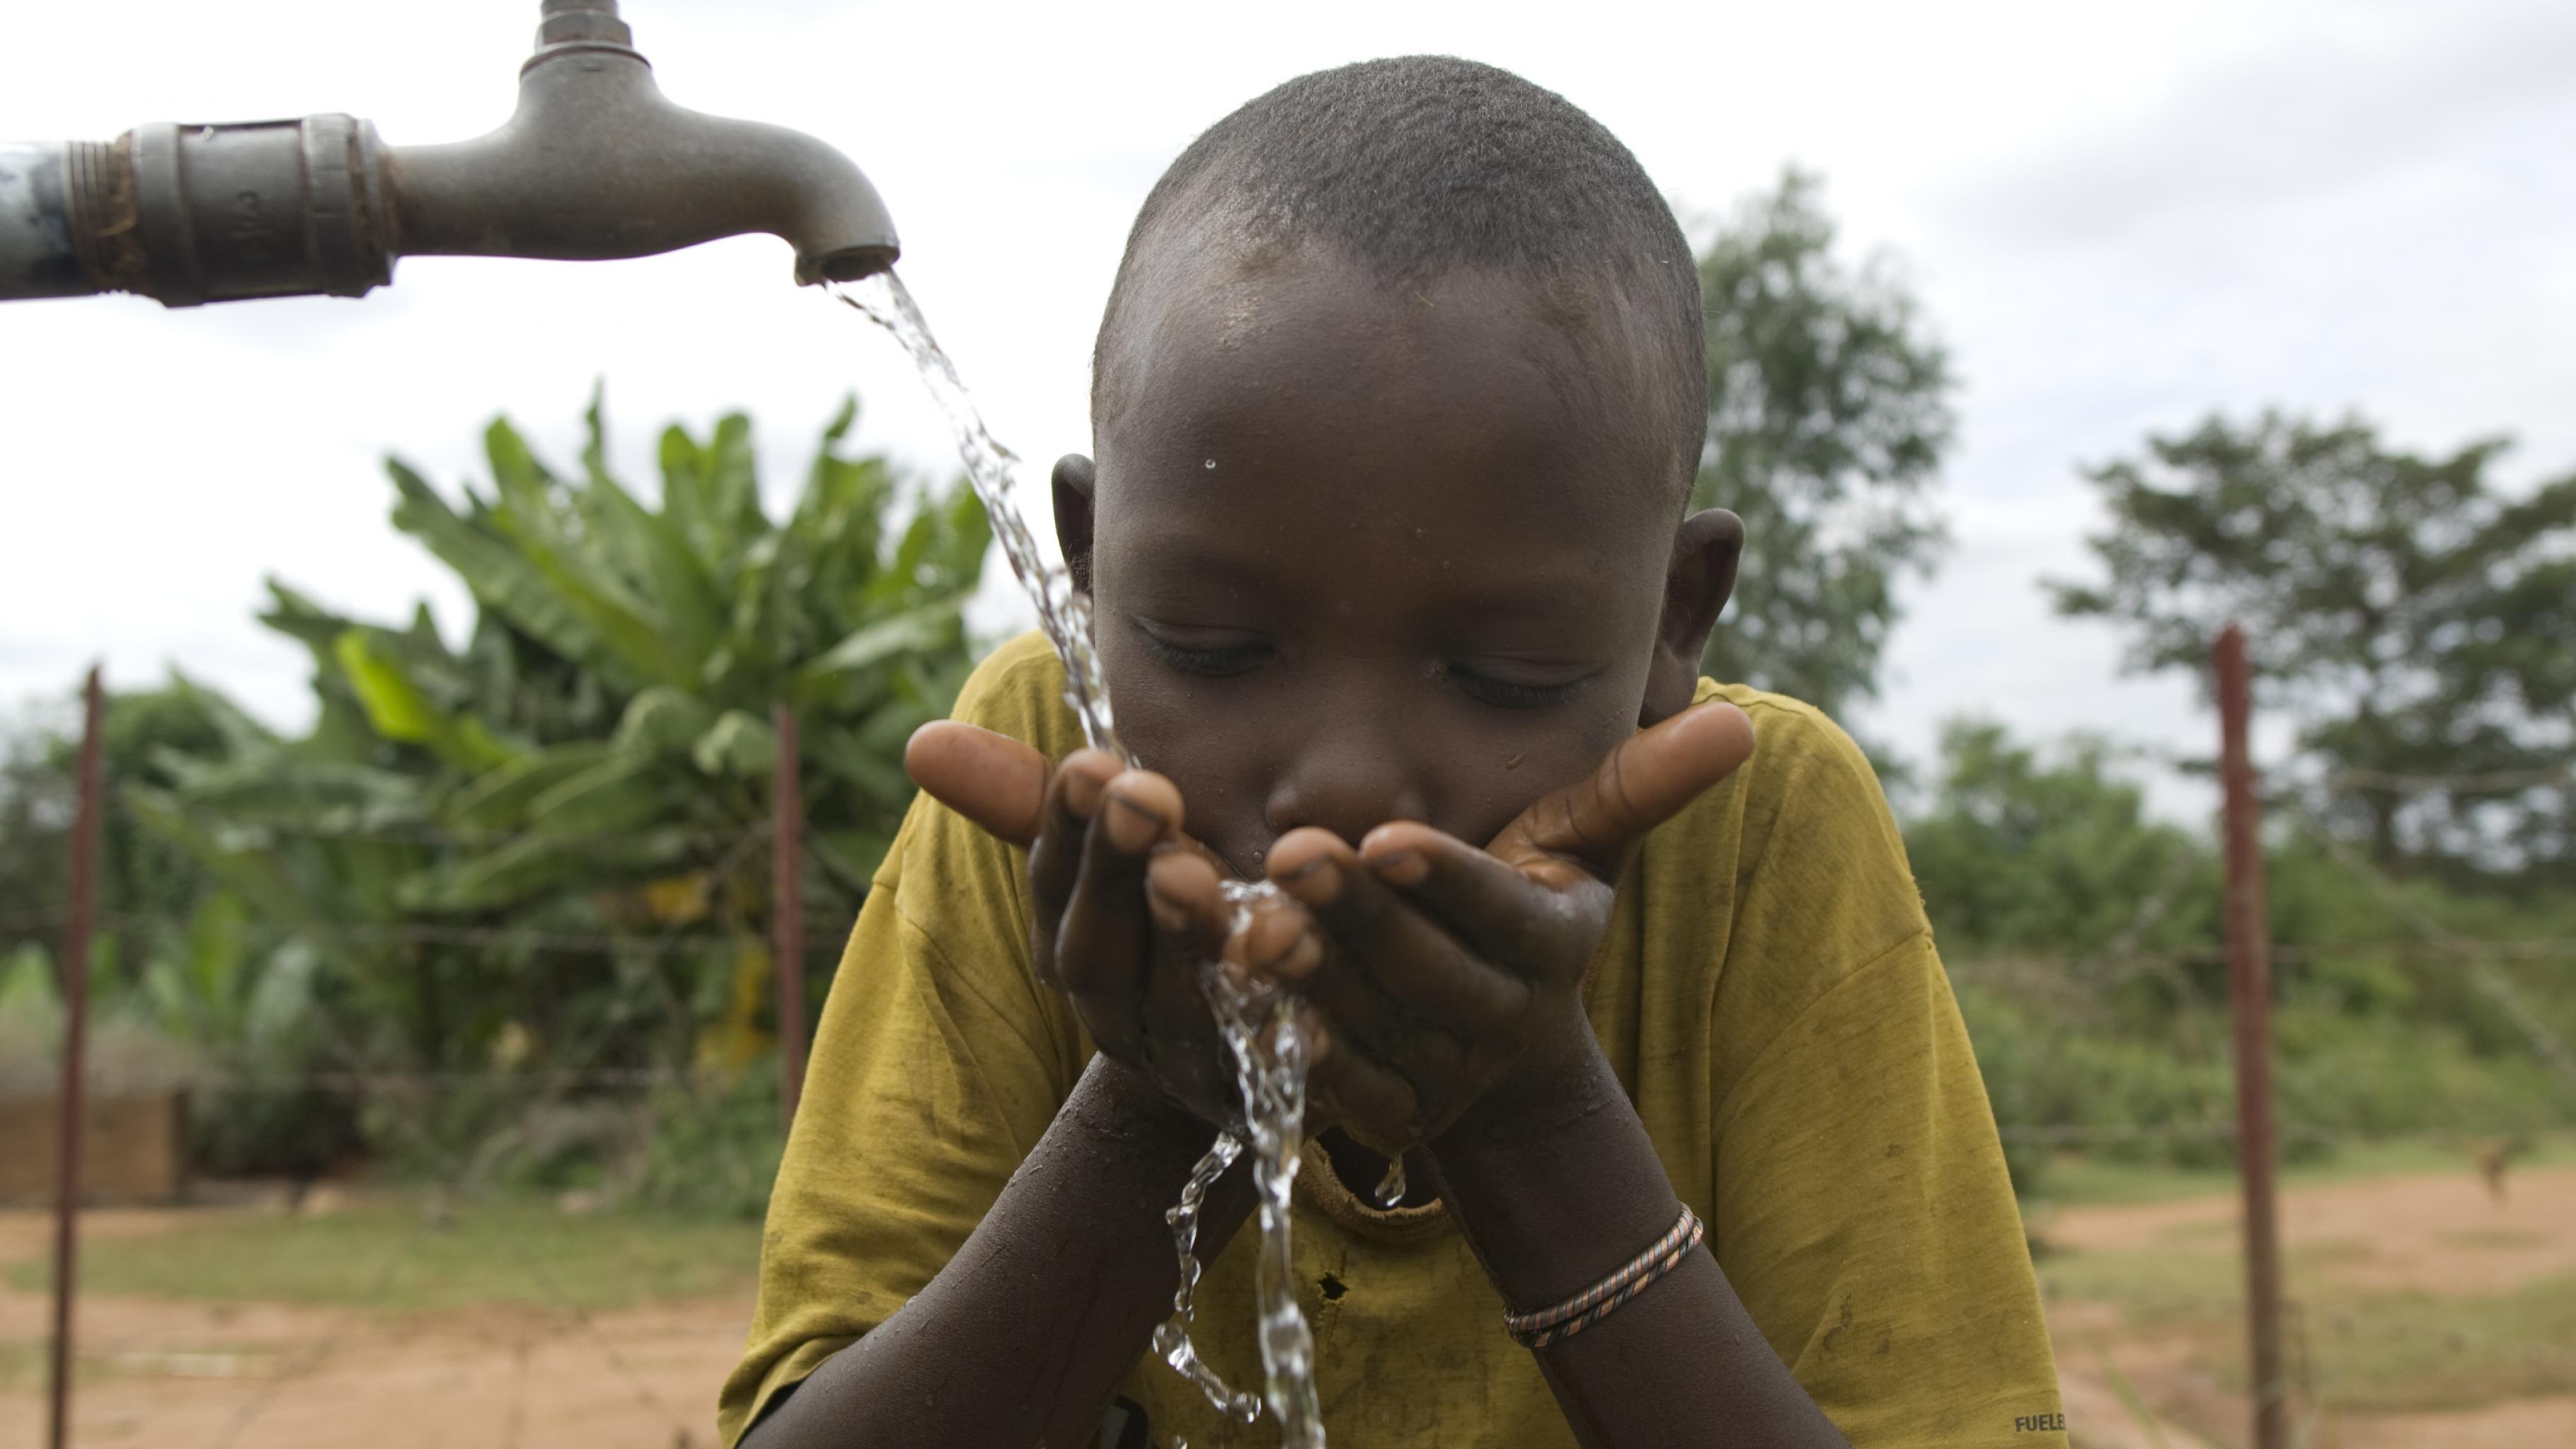 Äthiopien, Junge trinkt Wasser aus Hahn